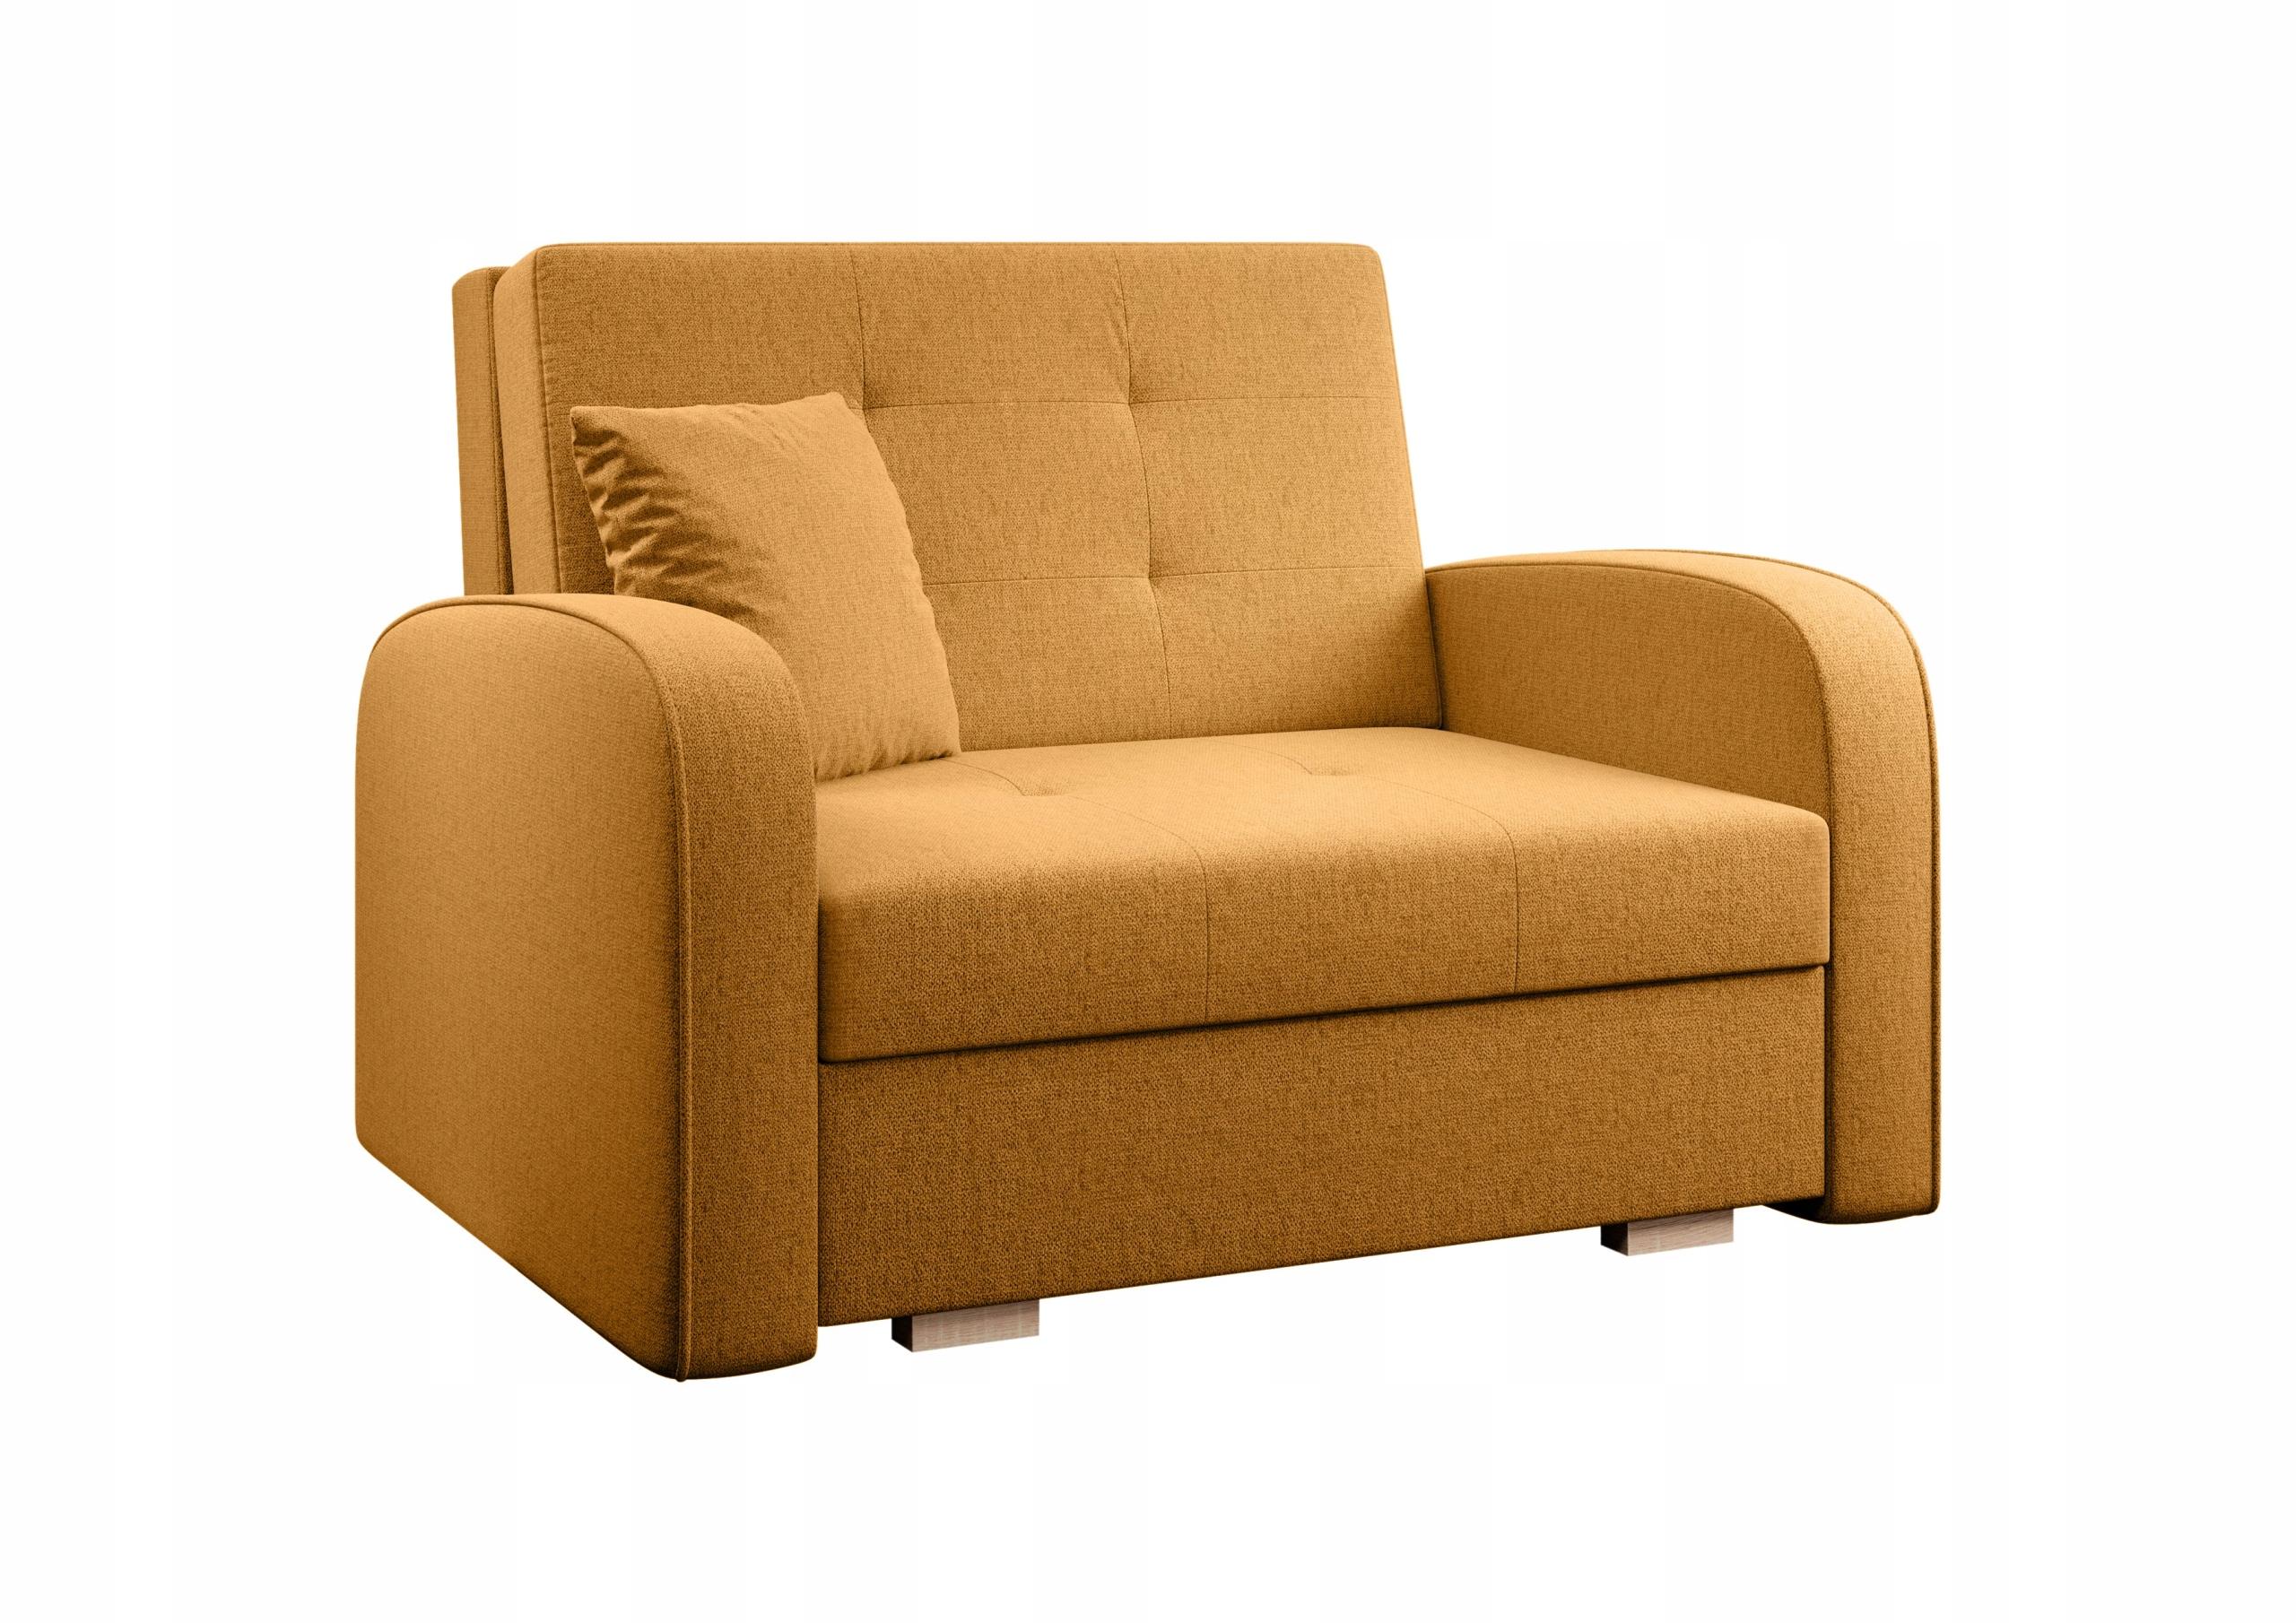 удобный диван AMBER I, односпальное кресло с откидной спинкой